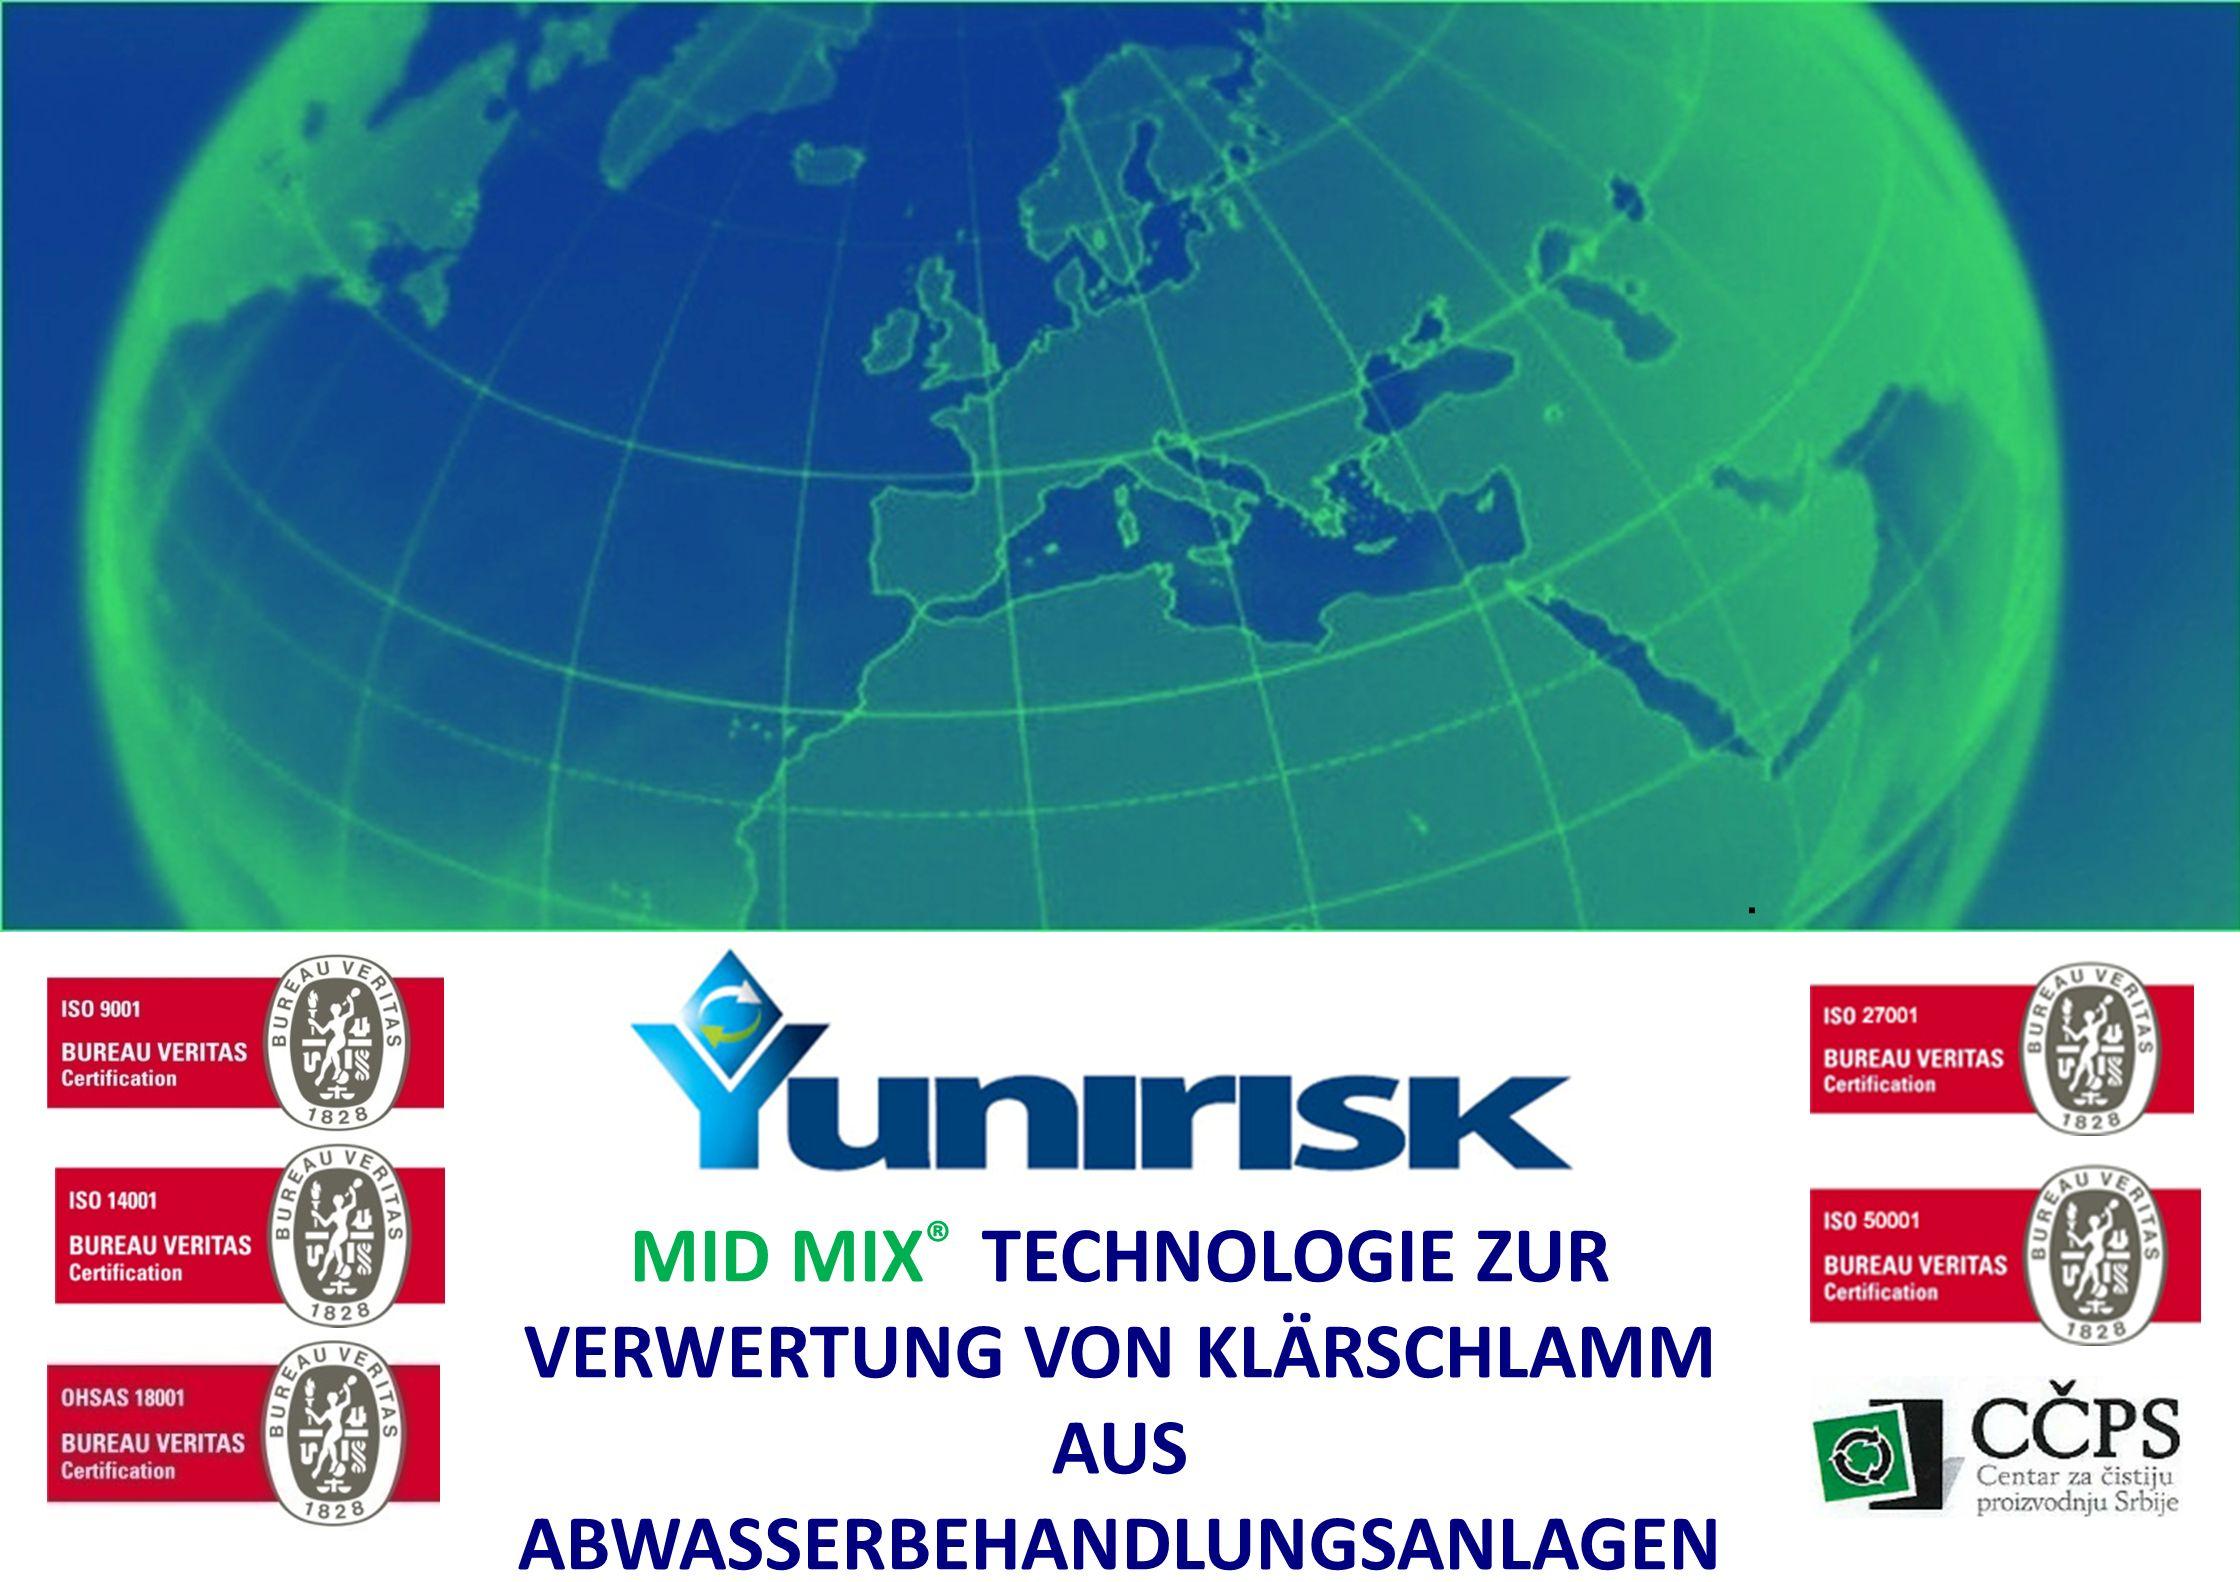 22.06.12 | MID MIX ® TECHNOLOGIE ZUR VERWERTUNG VON KLÄRSCHLAMM AUS ABWASSERBEHANDLUNGSANLAGEN.